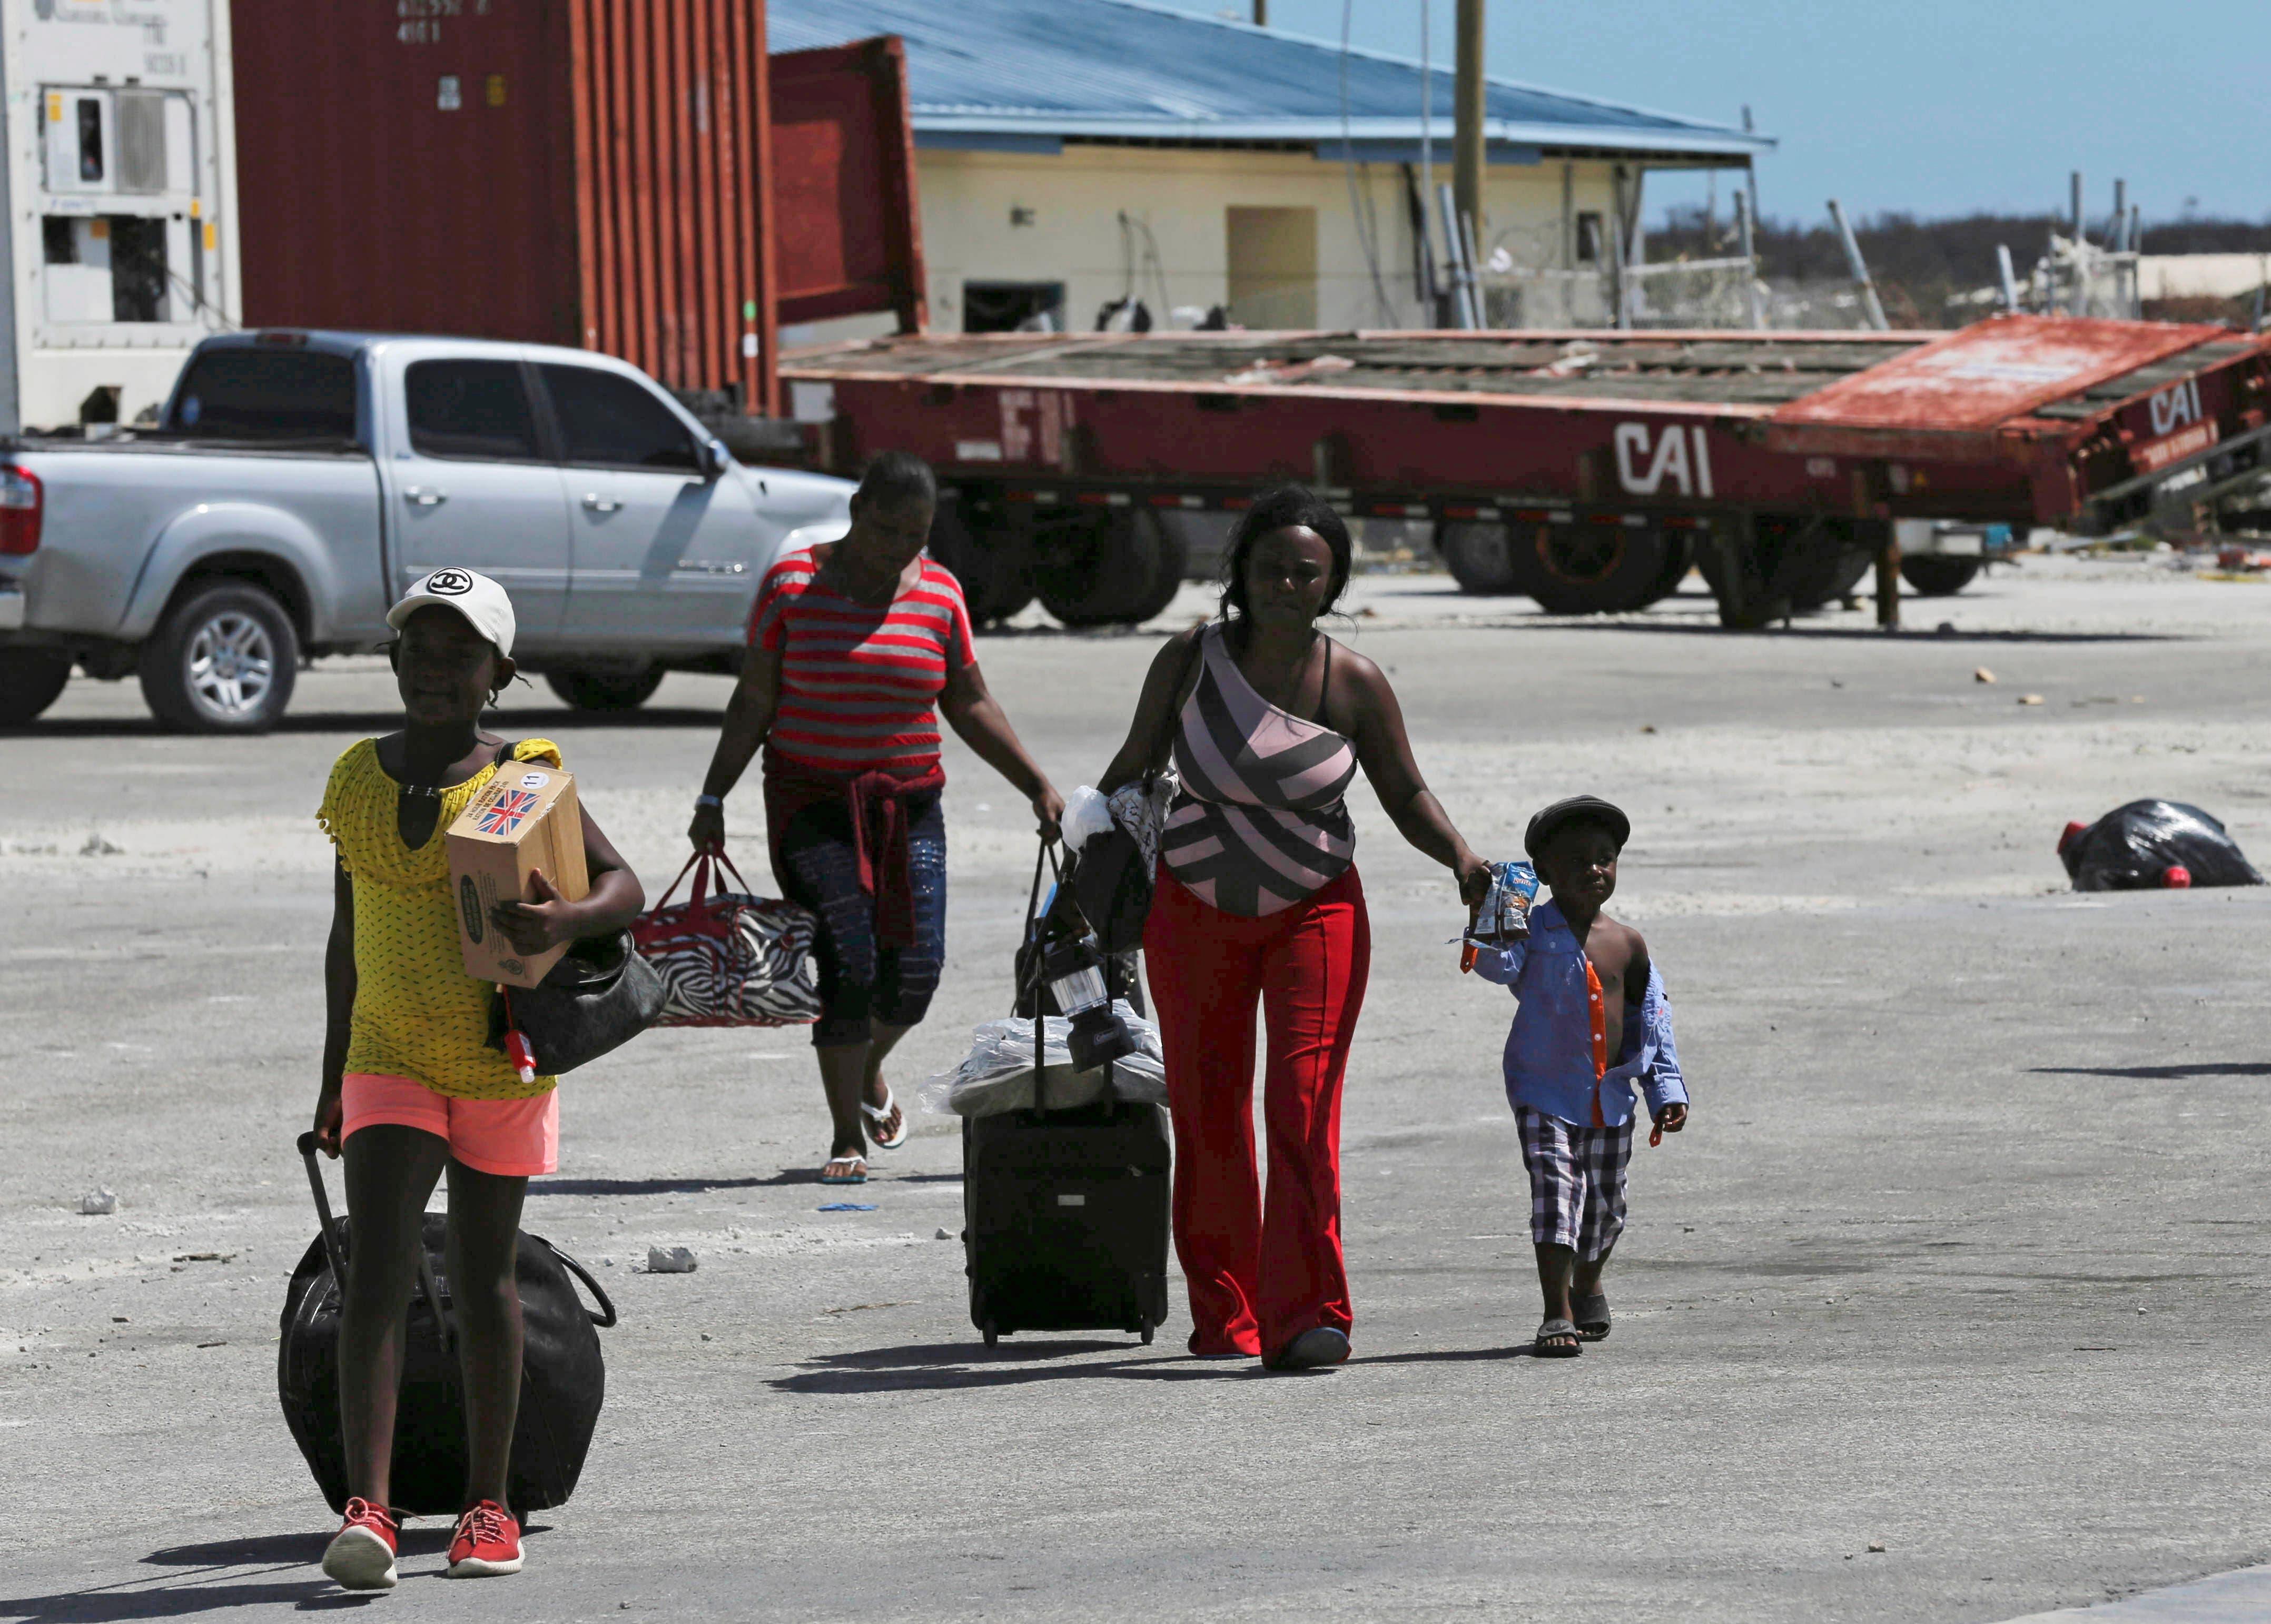 Evacuados cargando sus pertenencias camino de un transbordador para salir de Nassau tras el huracán Dorian, en el puerto de Marsh Harbor, en la Isla Ábaco, Bahamas, el domingo 8 de septiembre de 2091. (AP Foto/Fernando Llano)